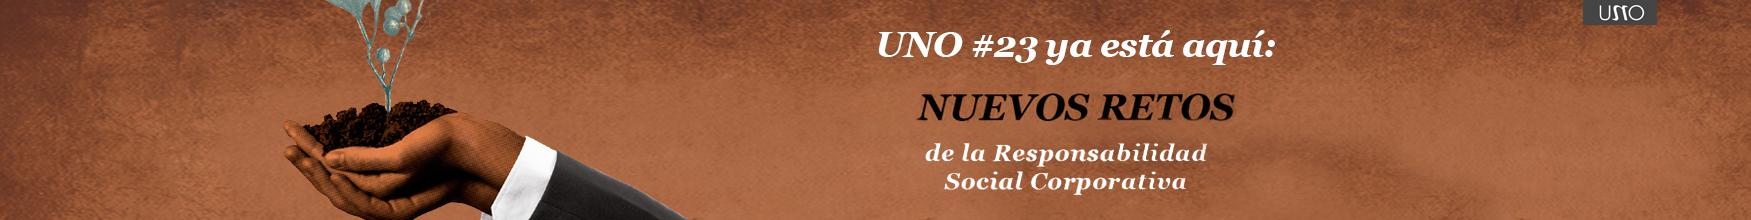 160310_UNO23_ESP